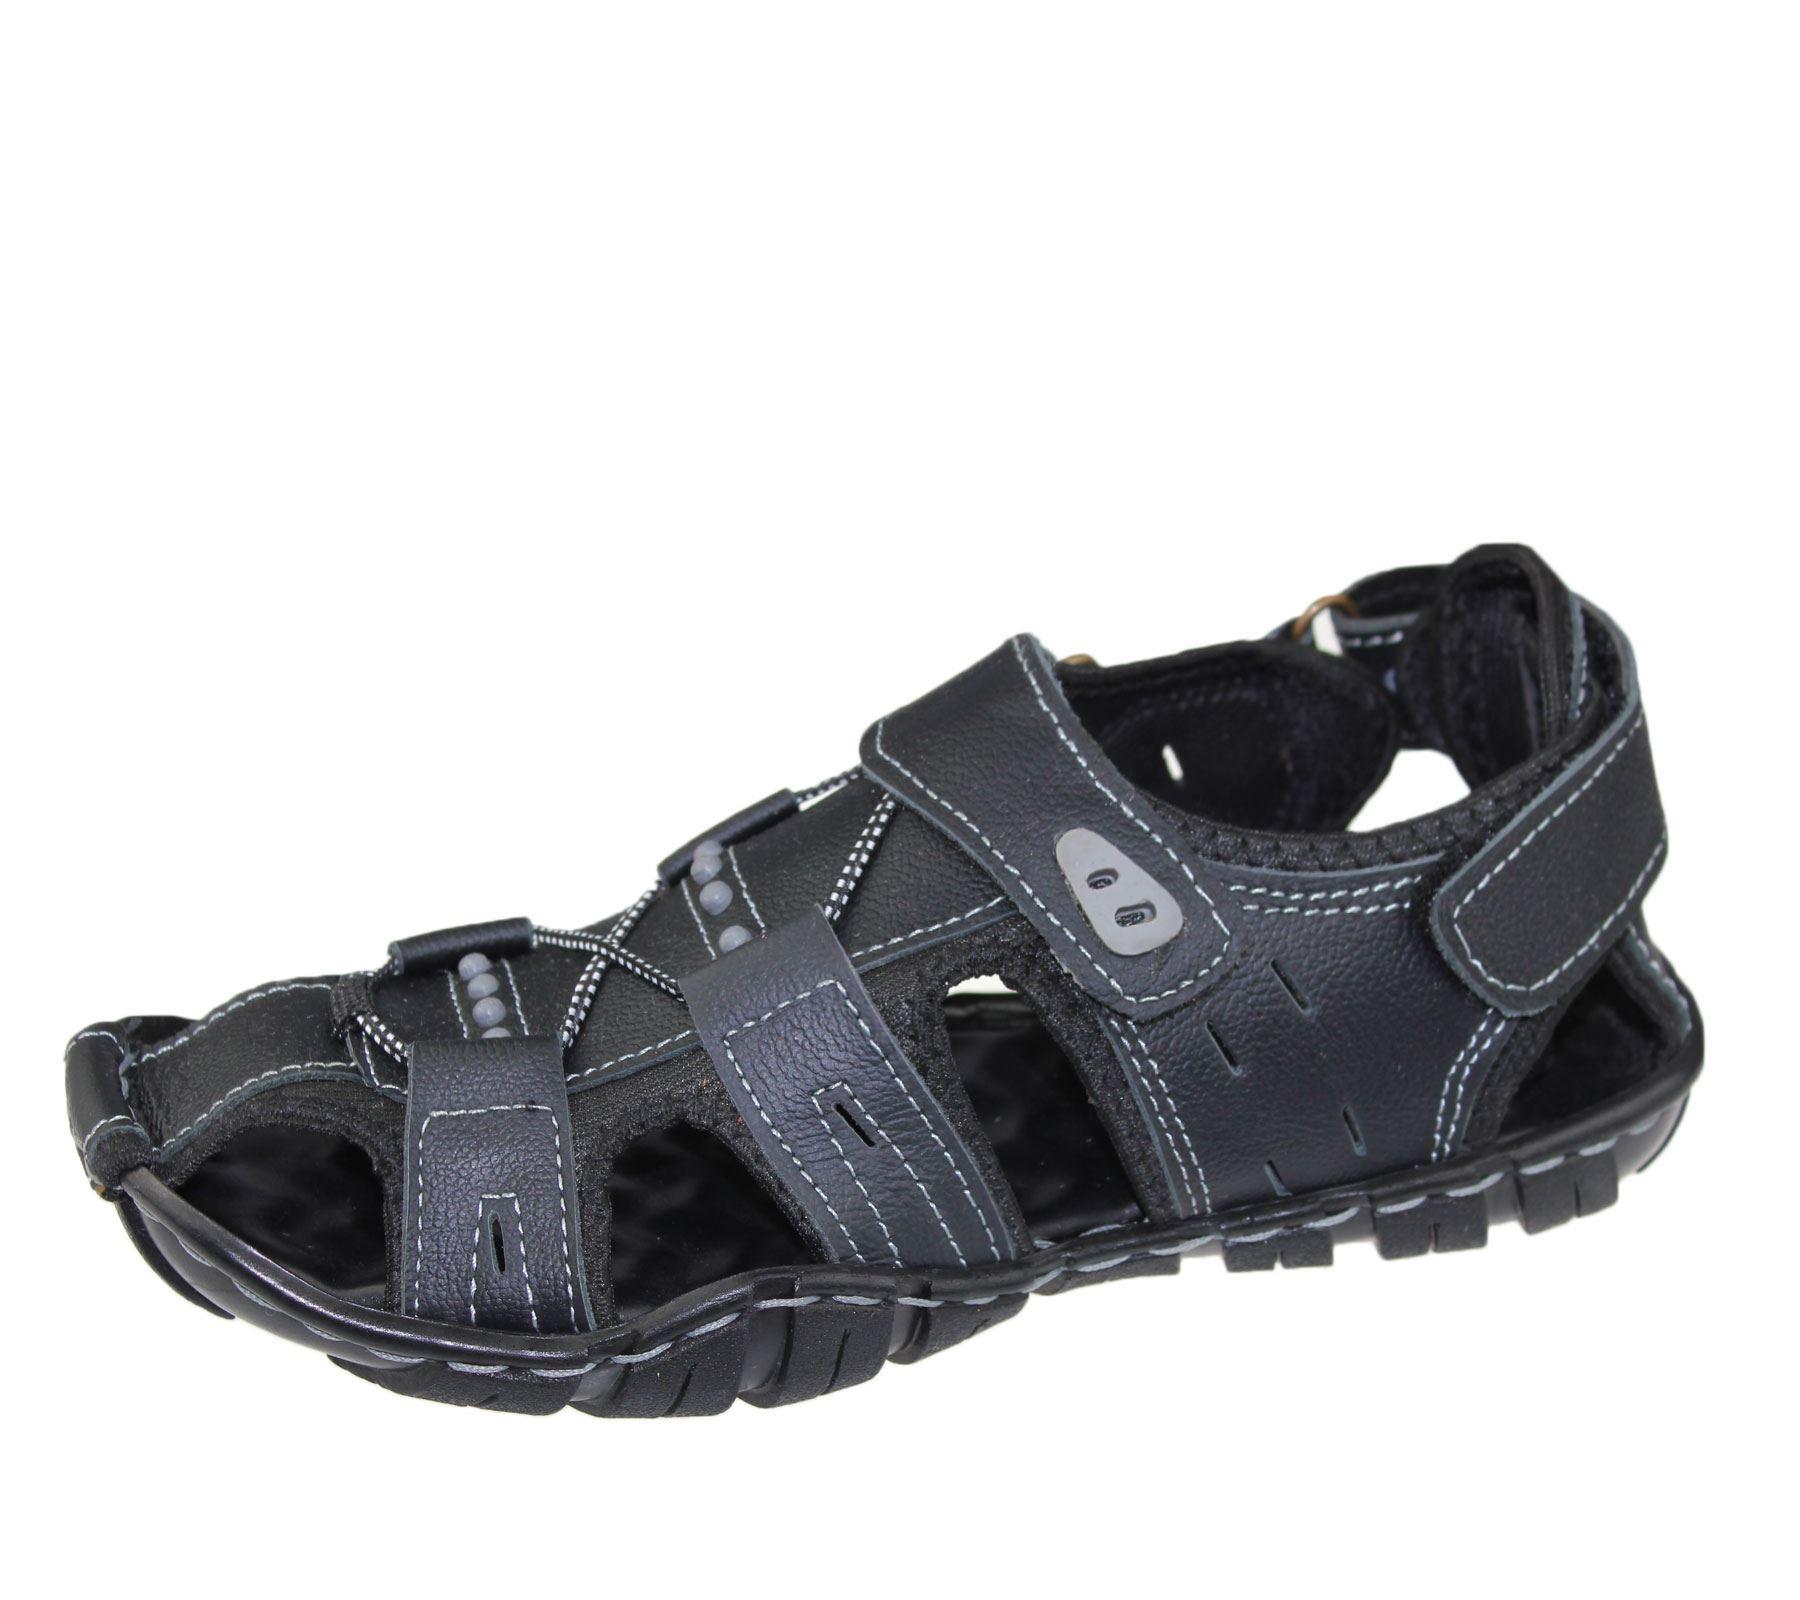 Mens-Sandal-Beach-Buckle-Walking-Fashion-Summer-Casual-Slipper miniatura 6